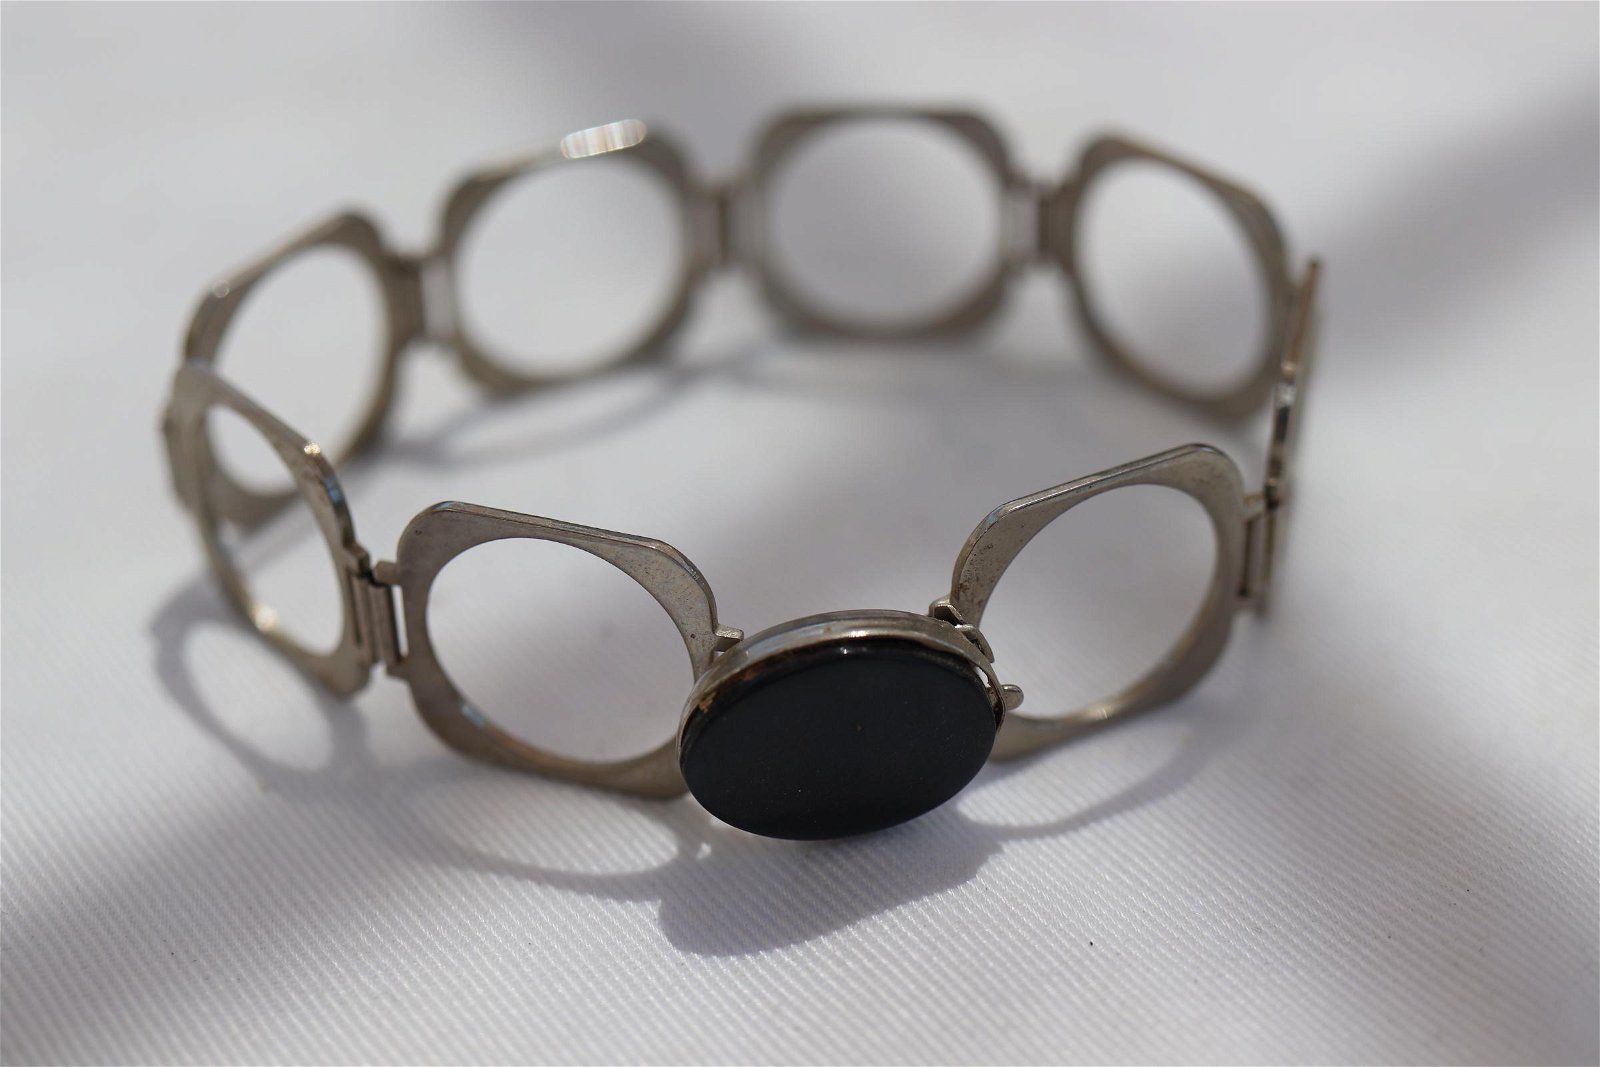 Vintage Silver tone Chain Bracelet w Black Stone